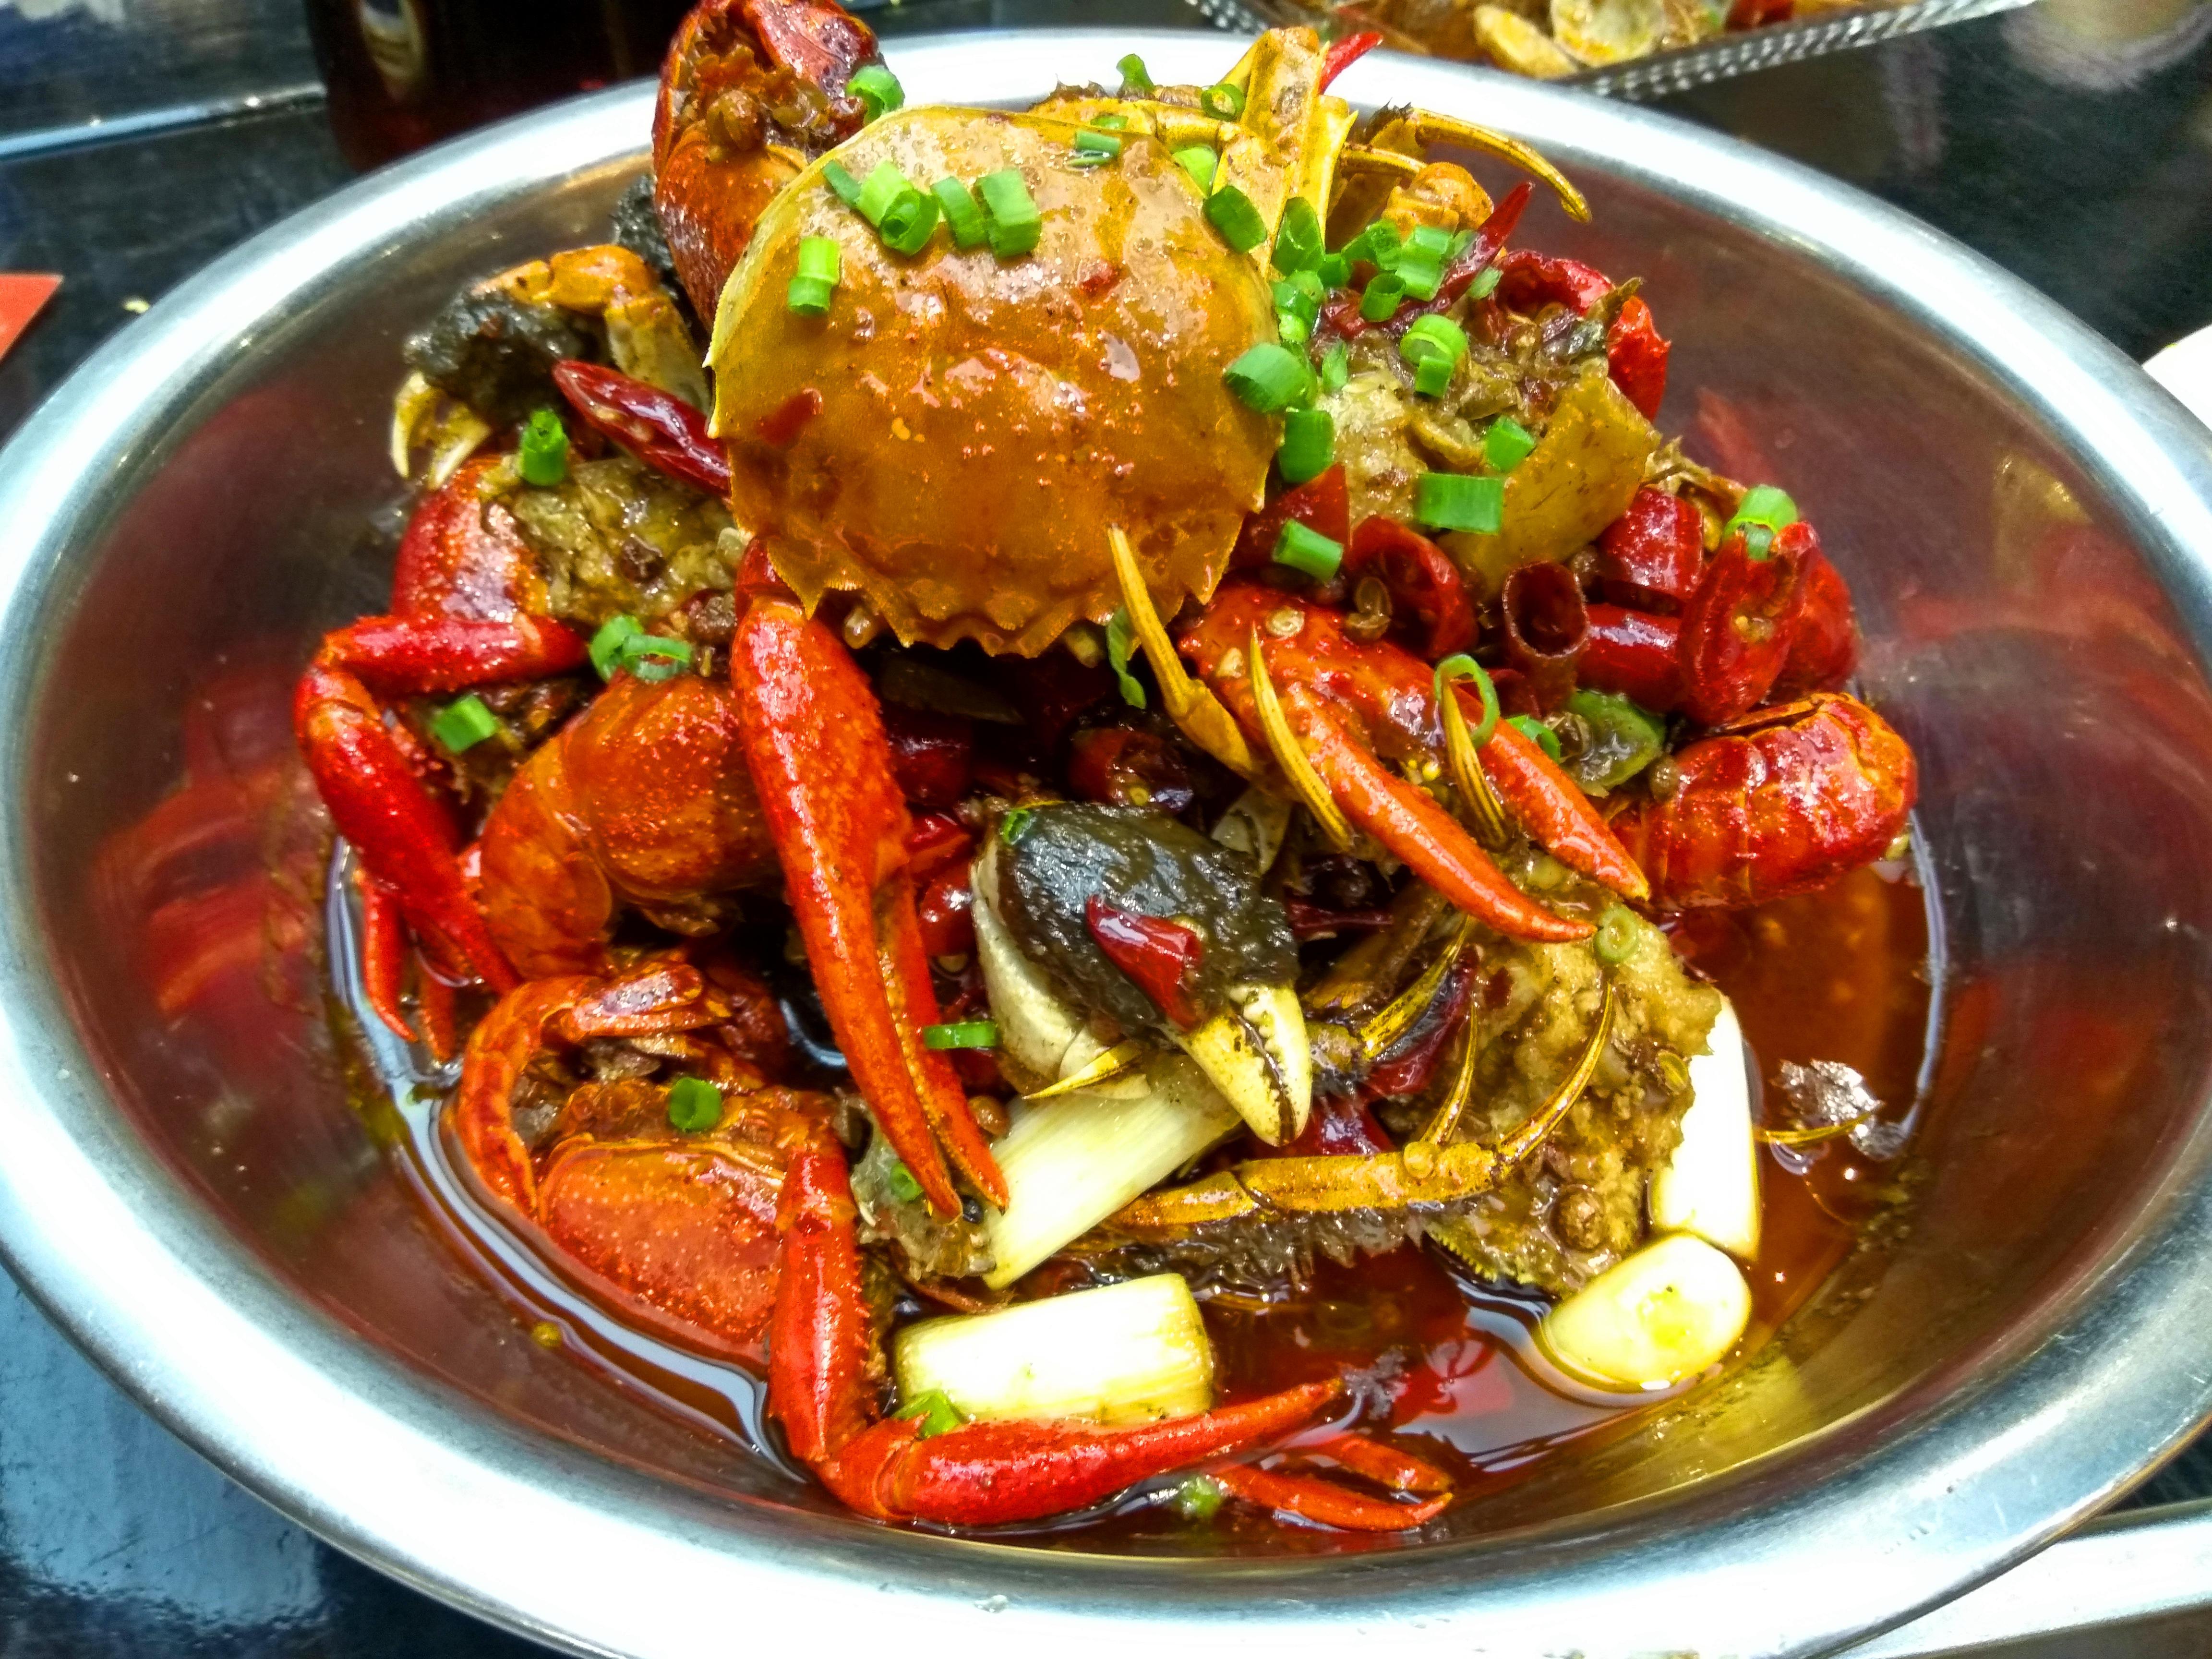 虾兵蟹将有一点咸鲜味,蟹肉也是鲜嫩无比.食品filetype图片